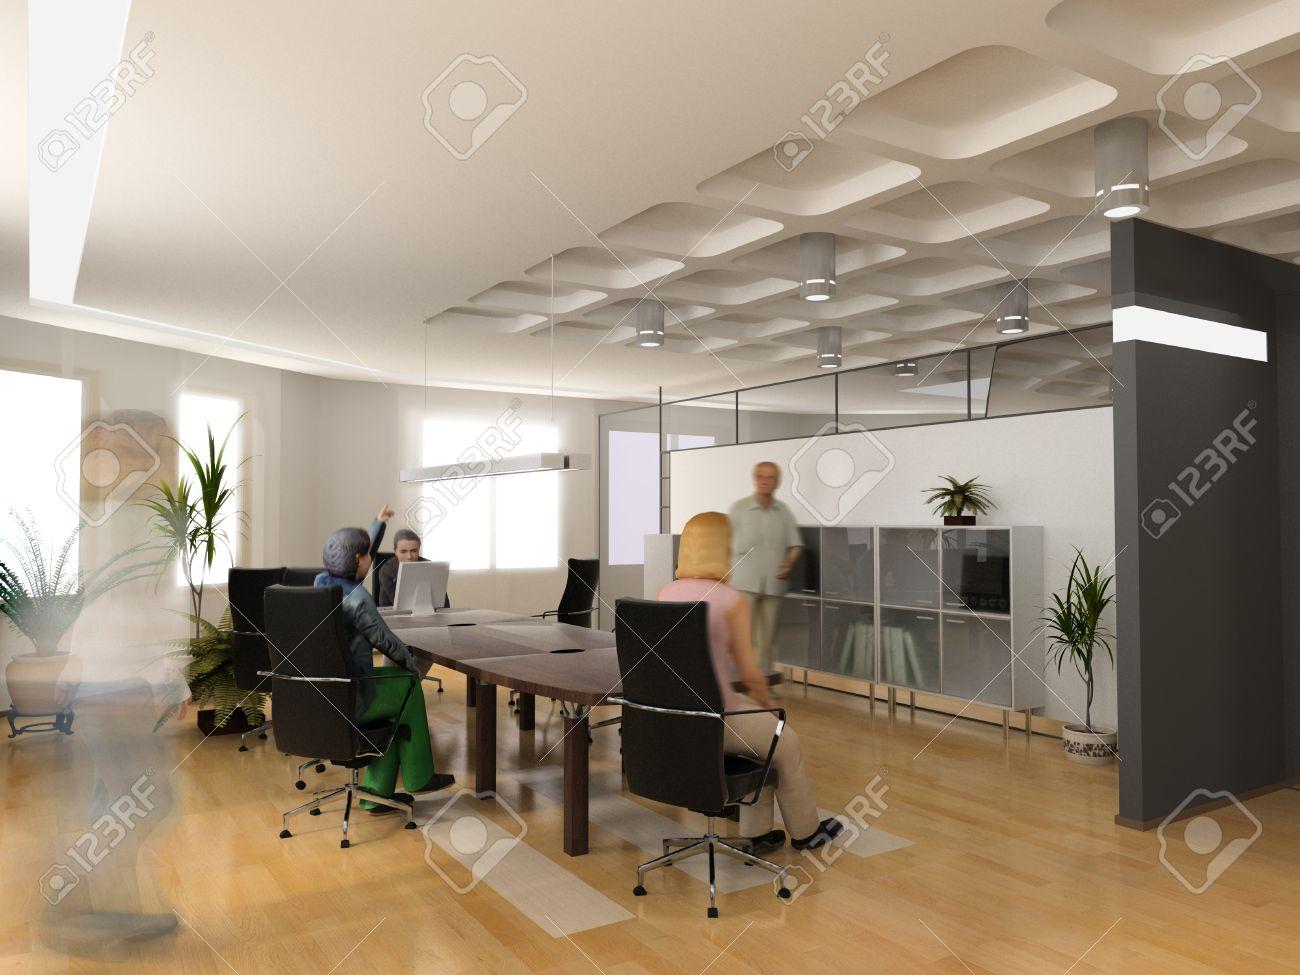 Les bureaux modernes design d intérieur d rendre banque d